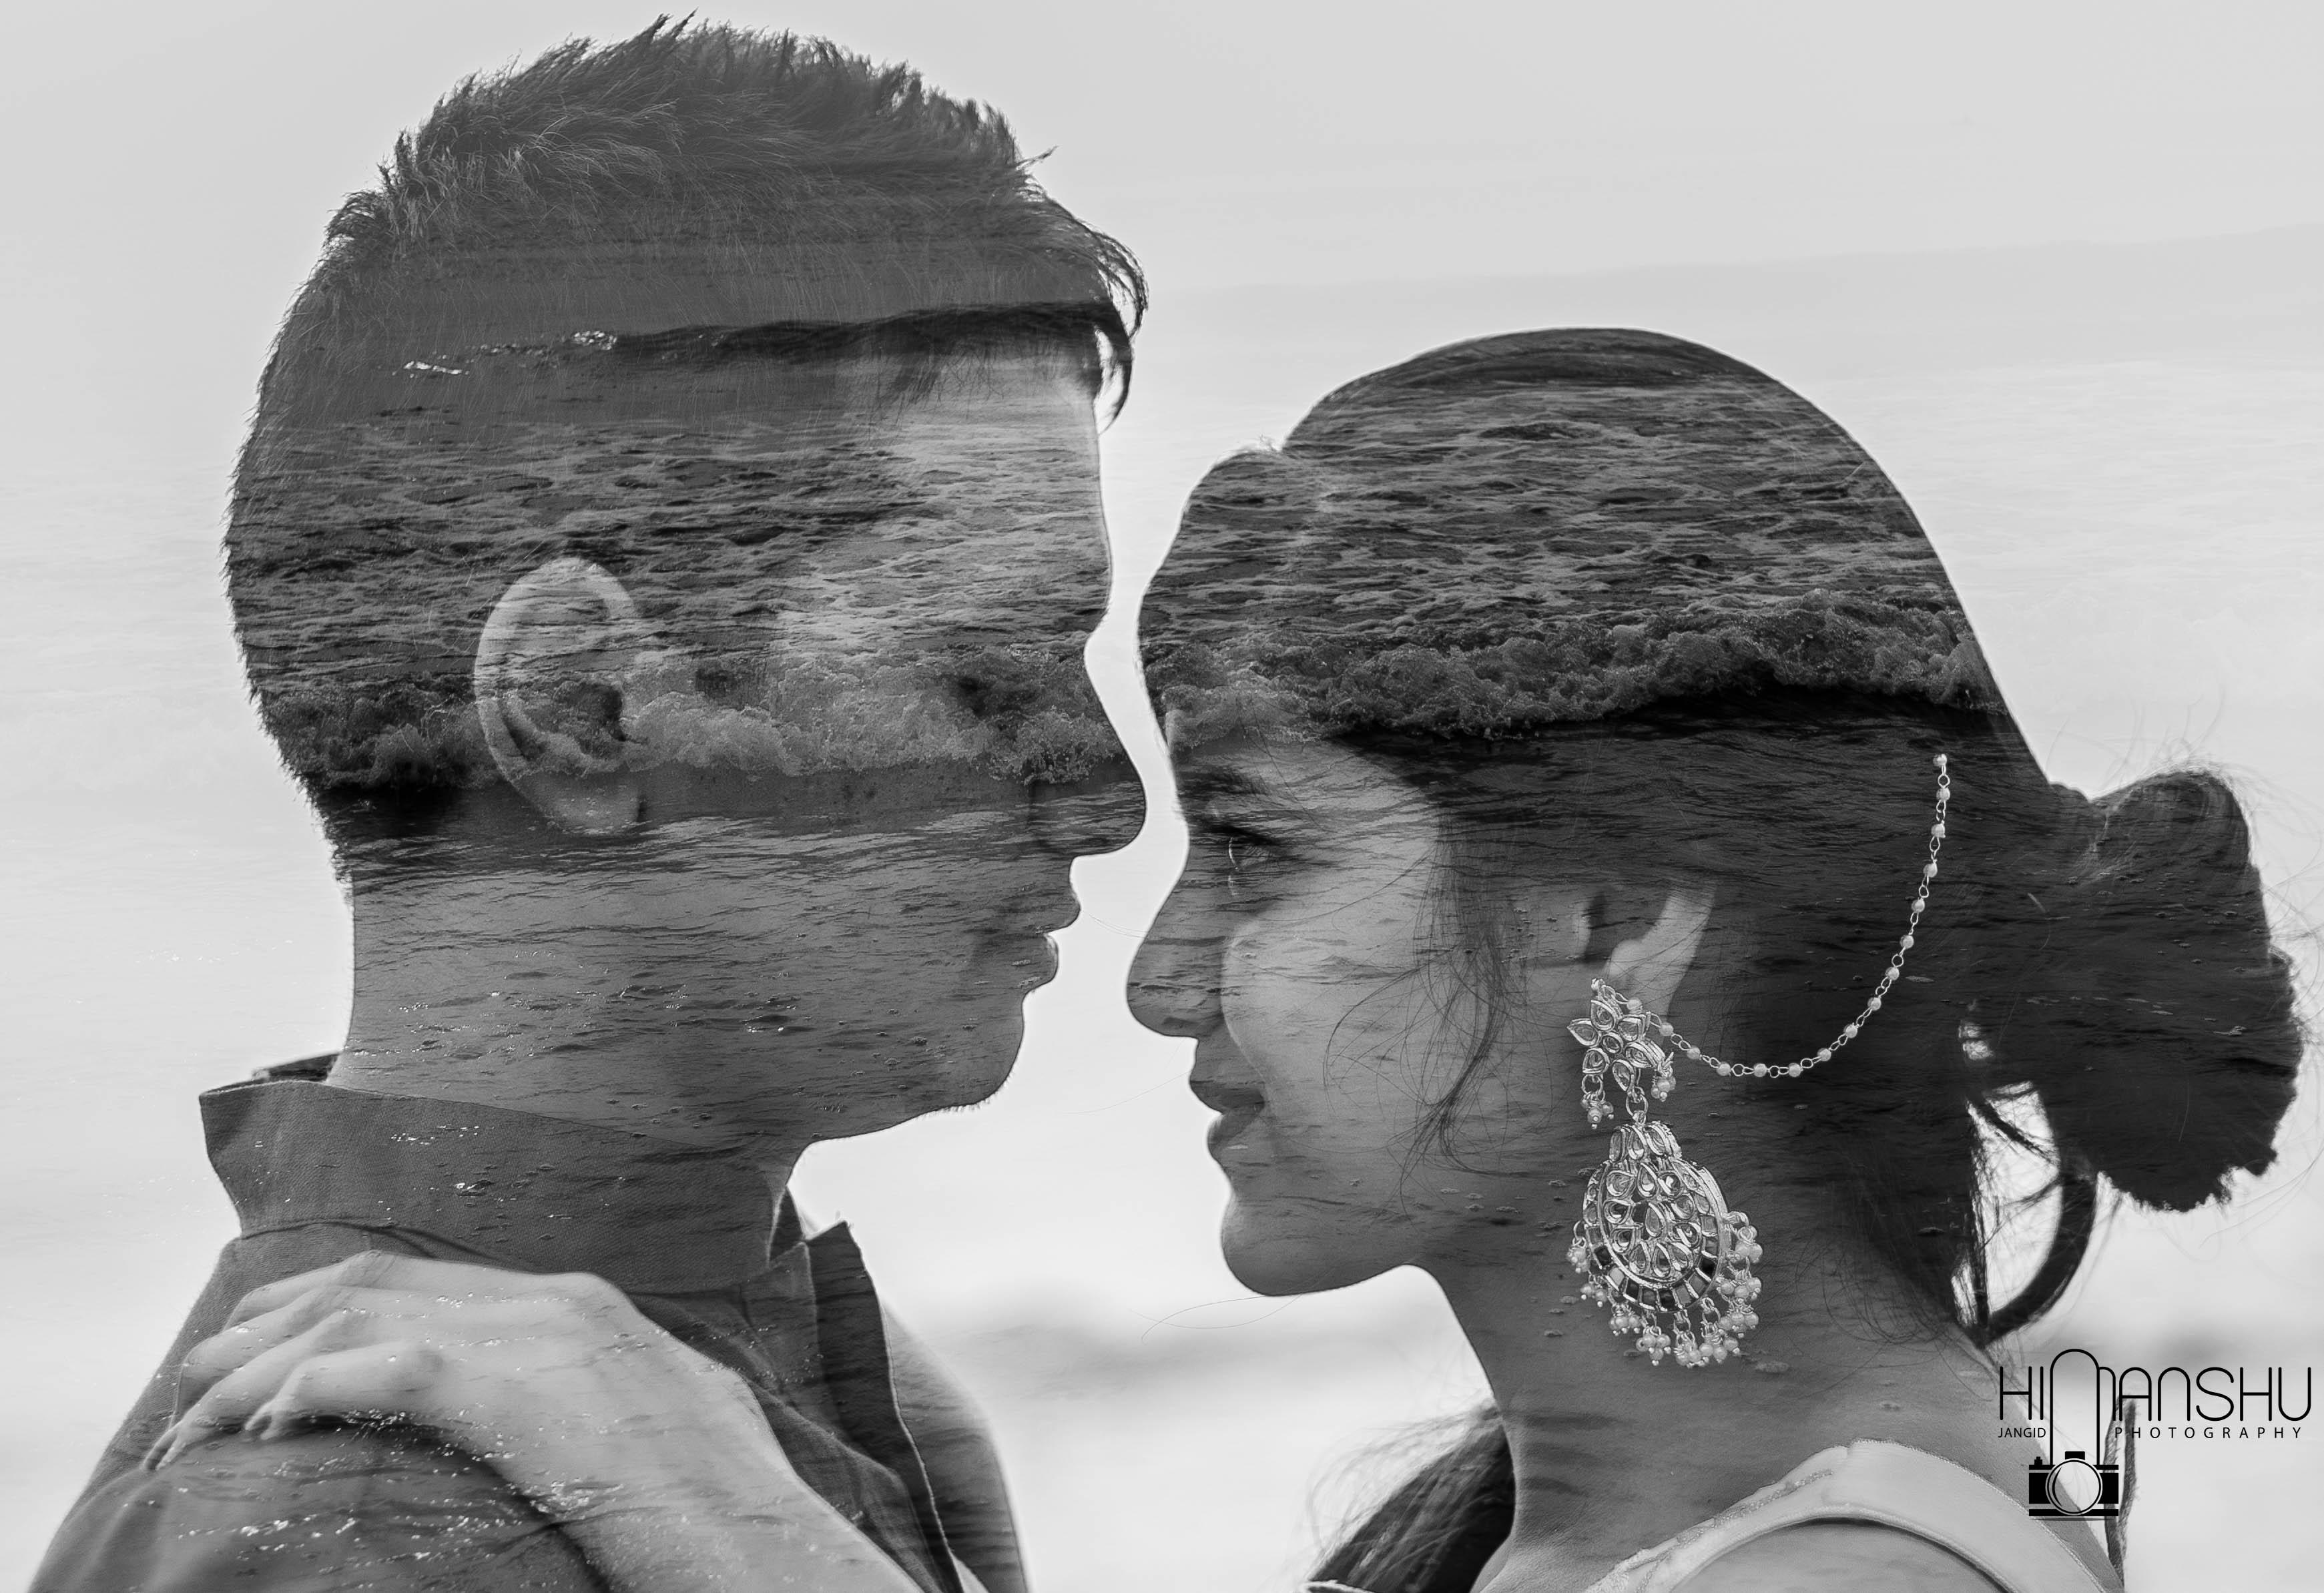 Himanshu Jangid Photography, Wedding Album, Wedding Photography, Double Exposure Photography